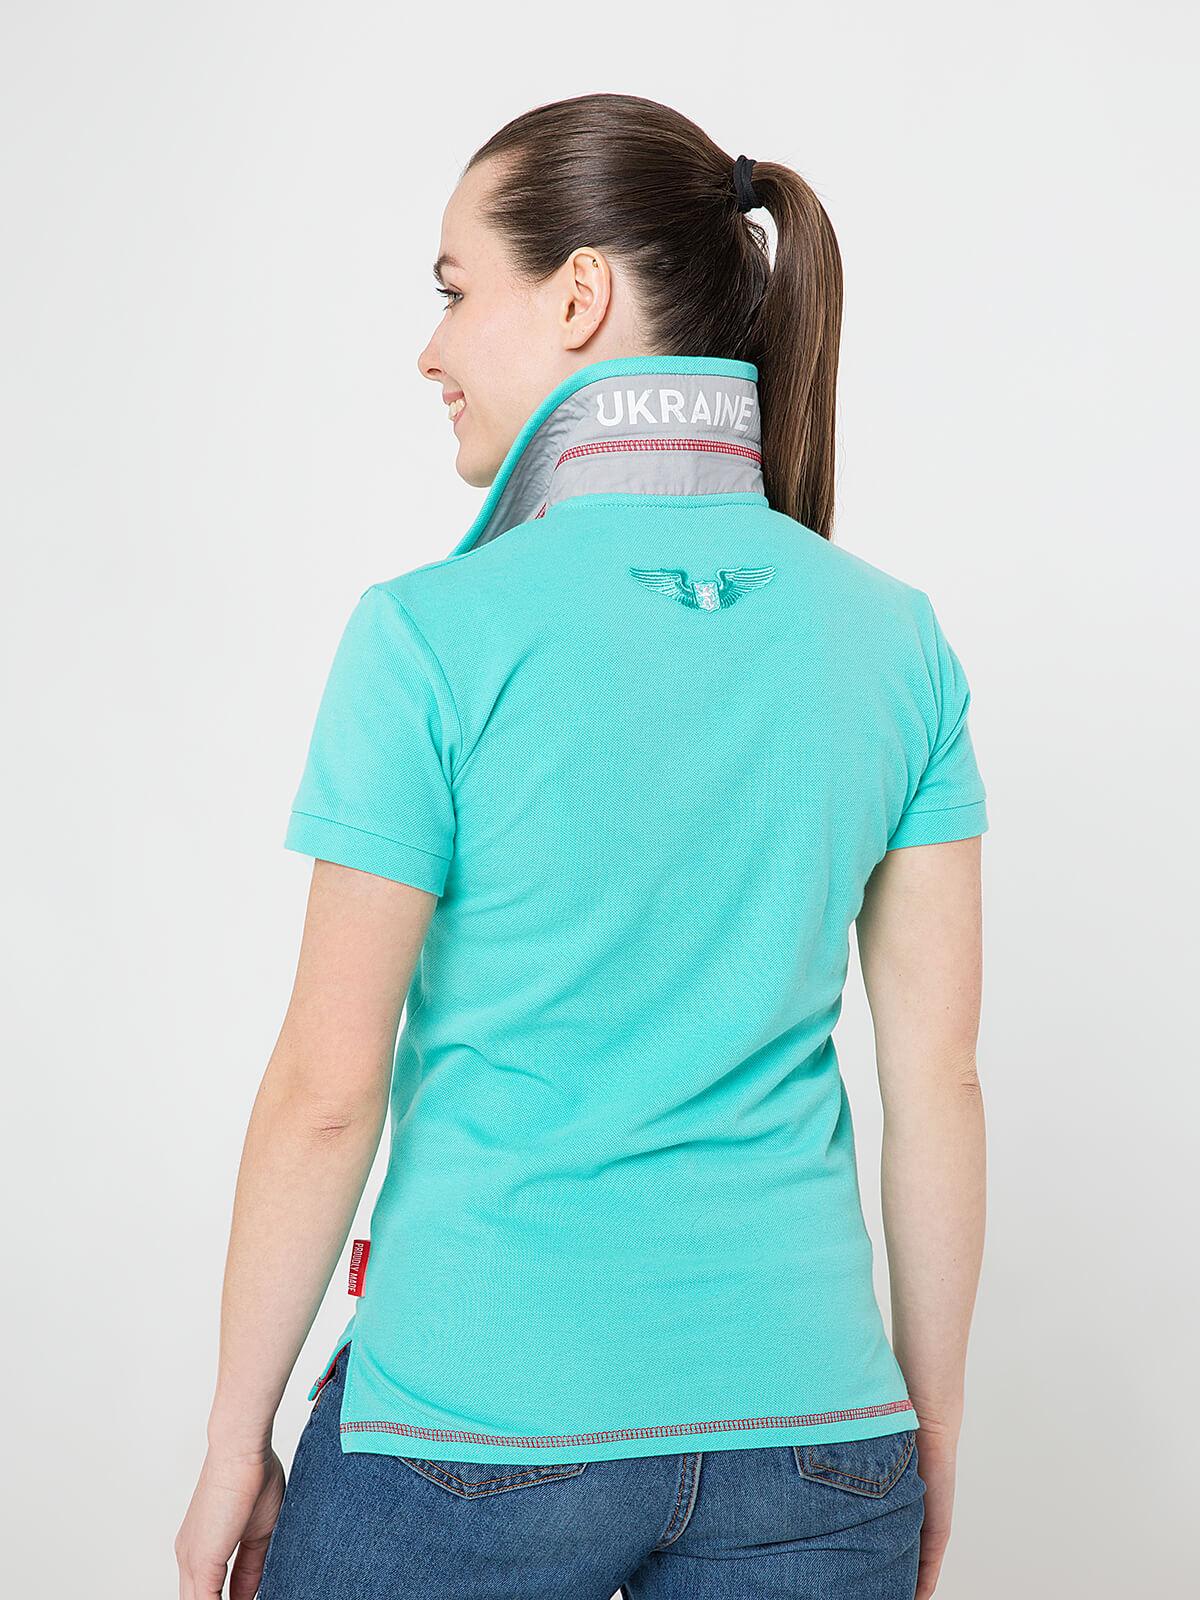 Women's Polo Shirt Wings. Color mint.  Pique fabric: 100% cotton.